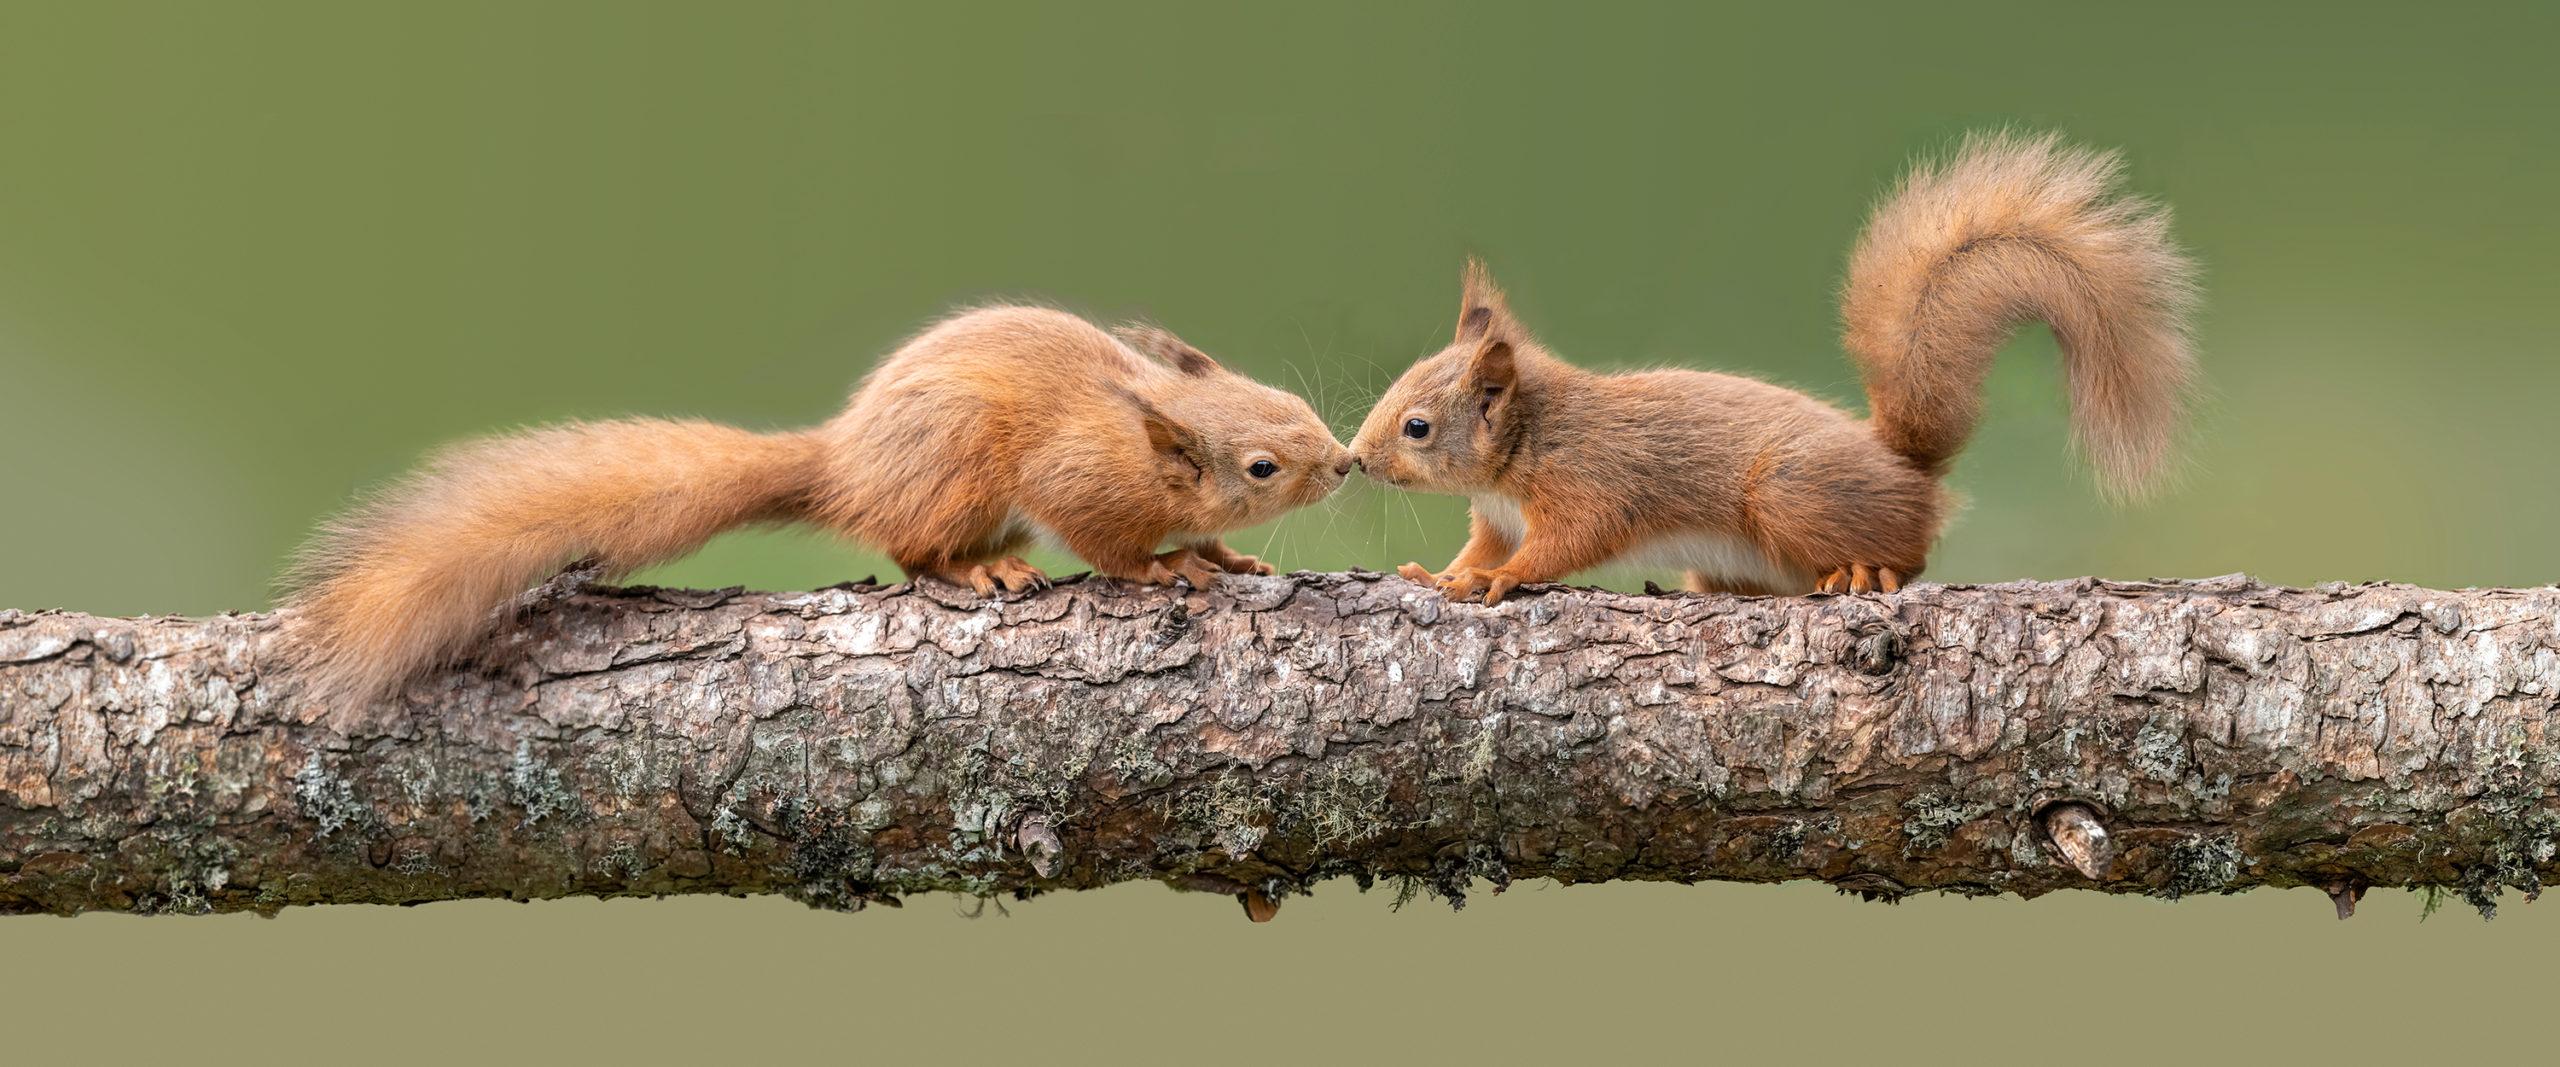 kissing squirrels